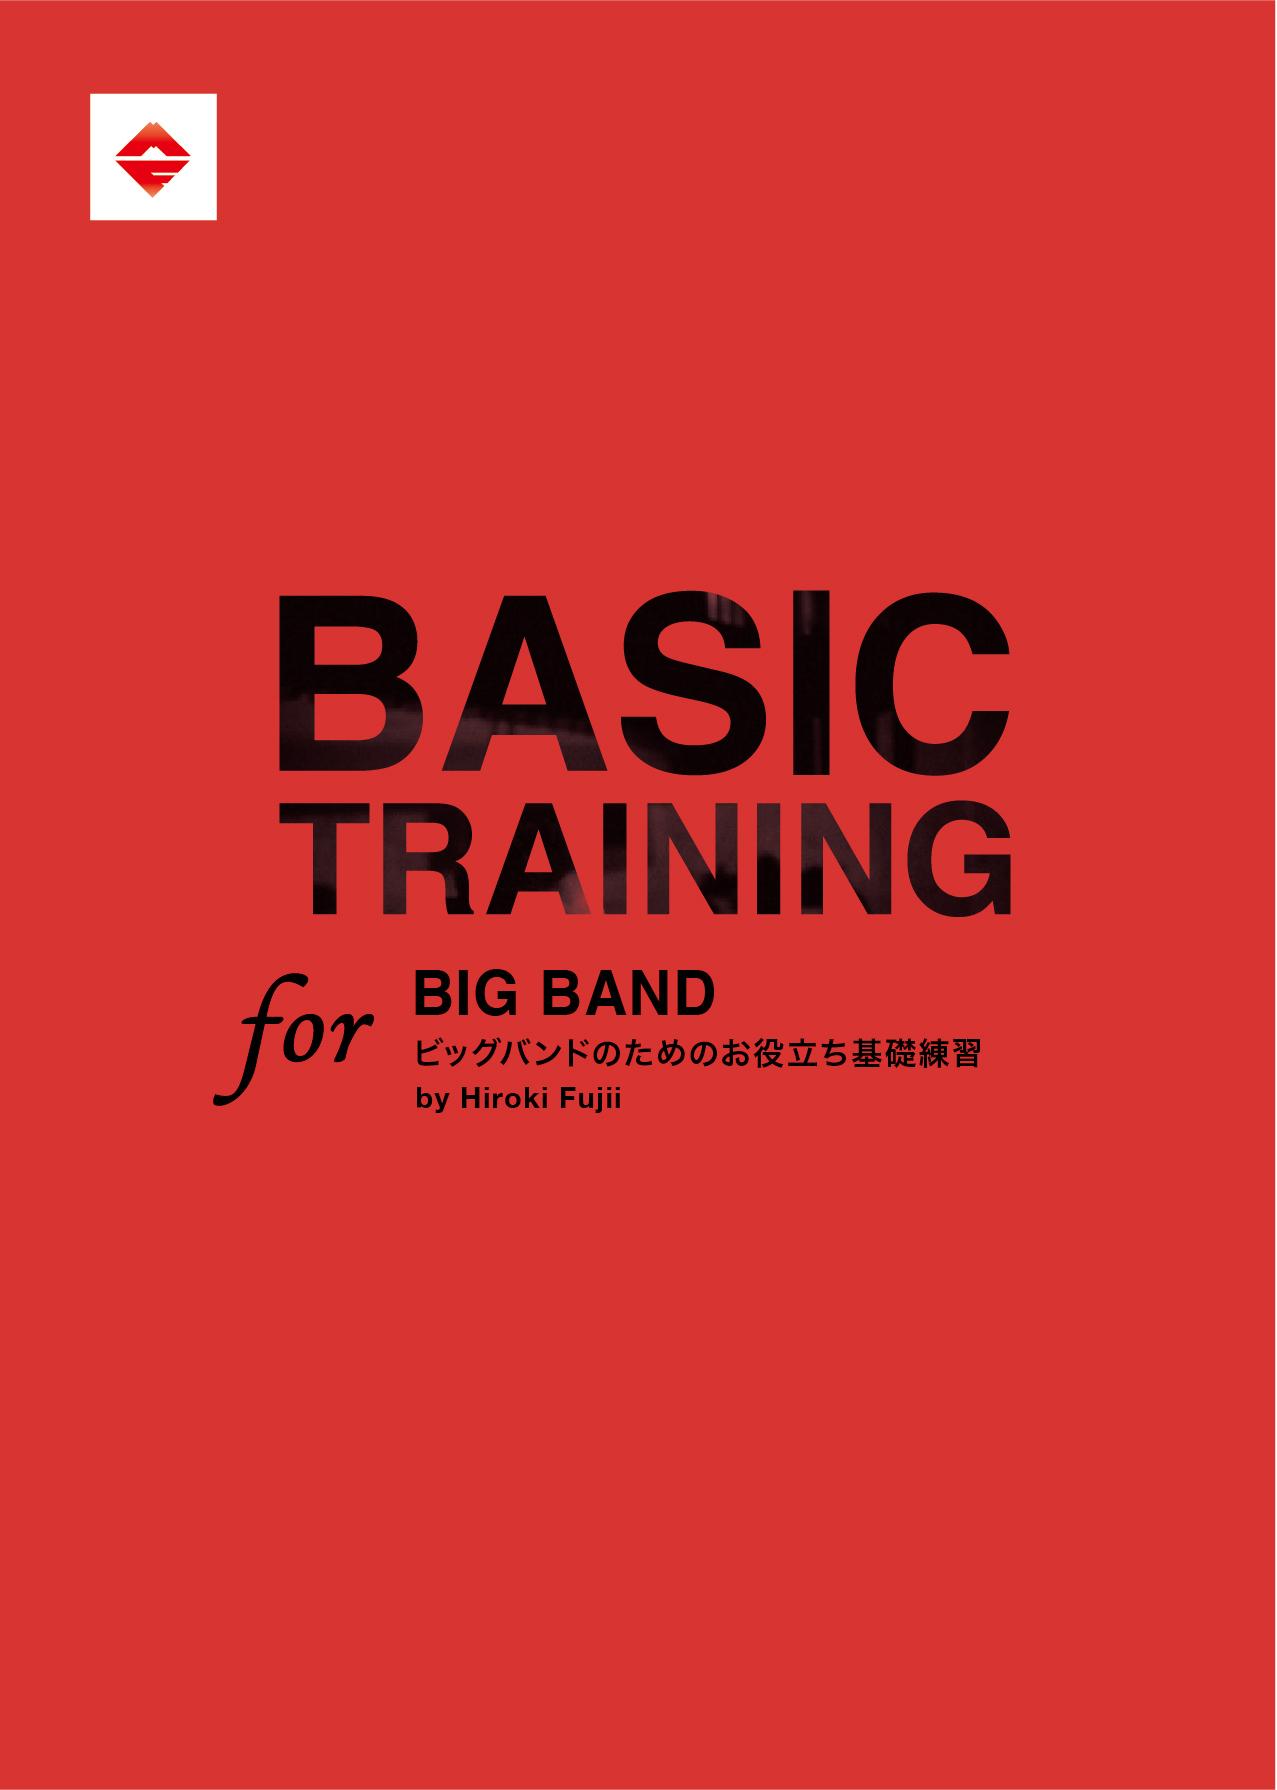 BASIC TRAINING for BIG BAND